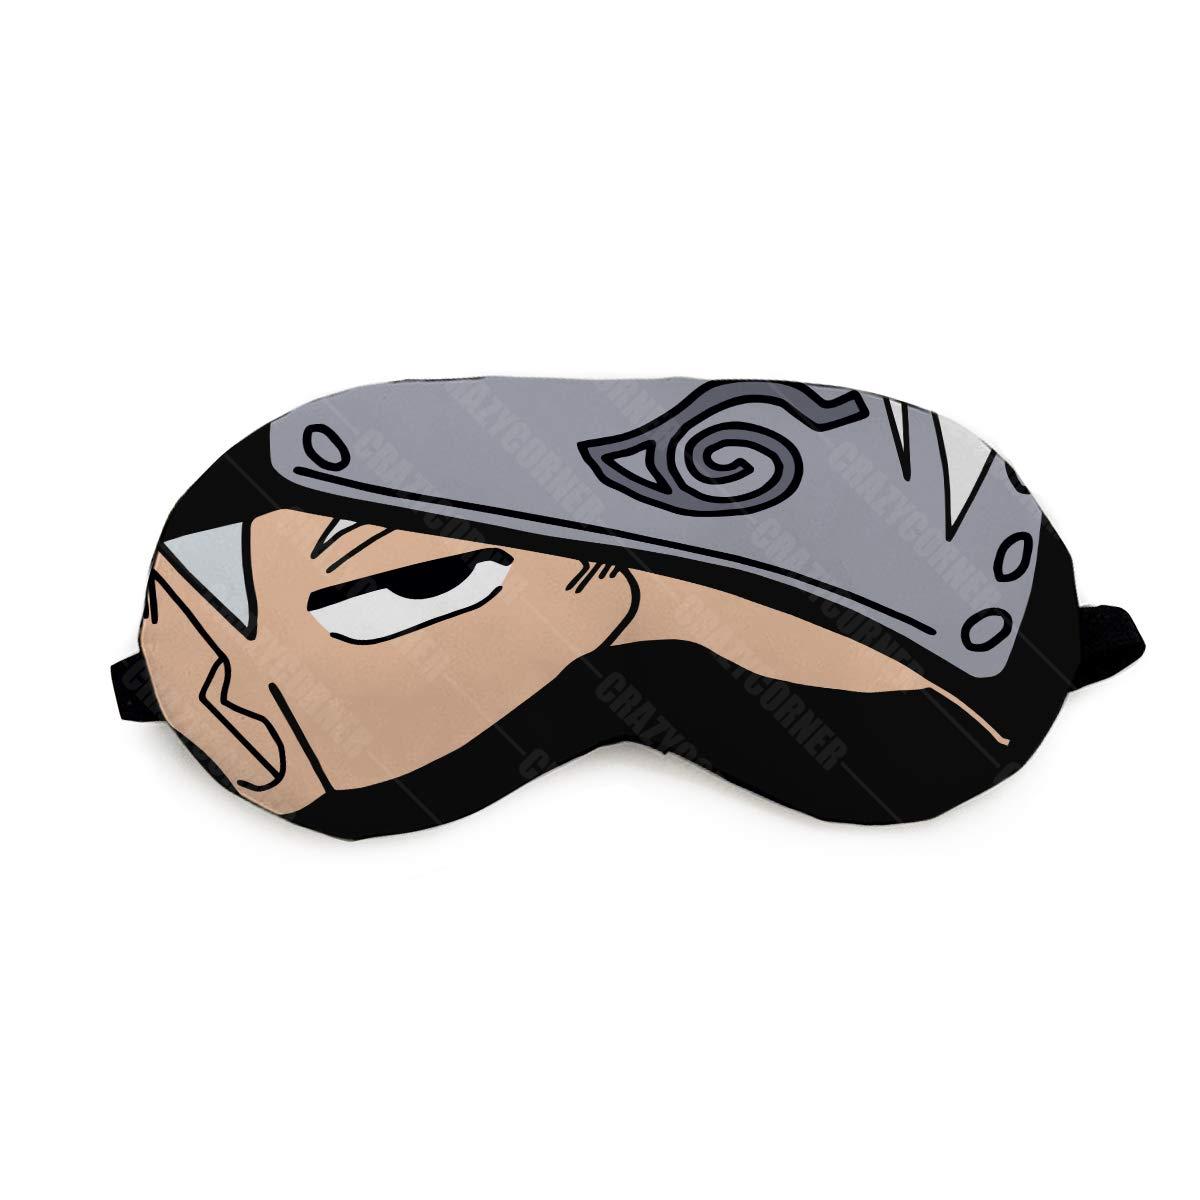 Naruto Anime Printed Eye Mask/Sleep Mask